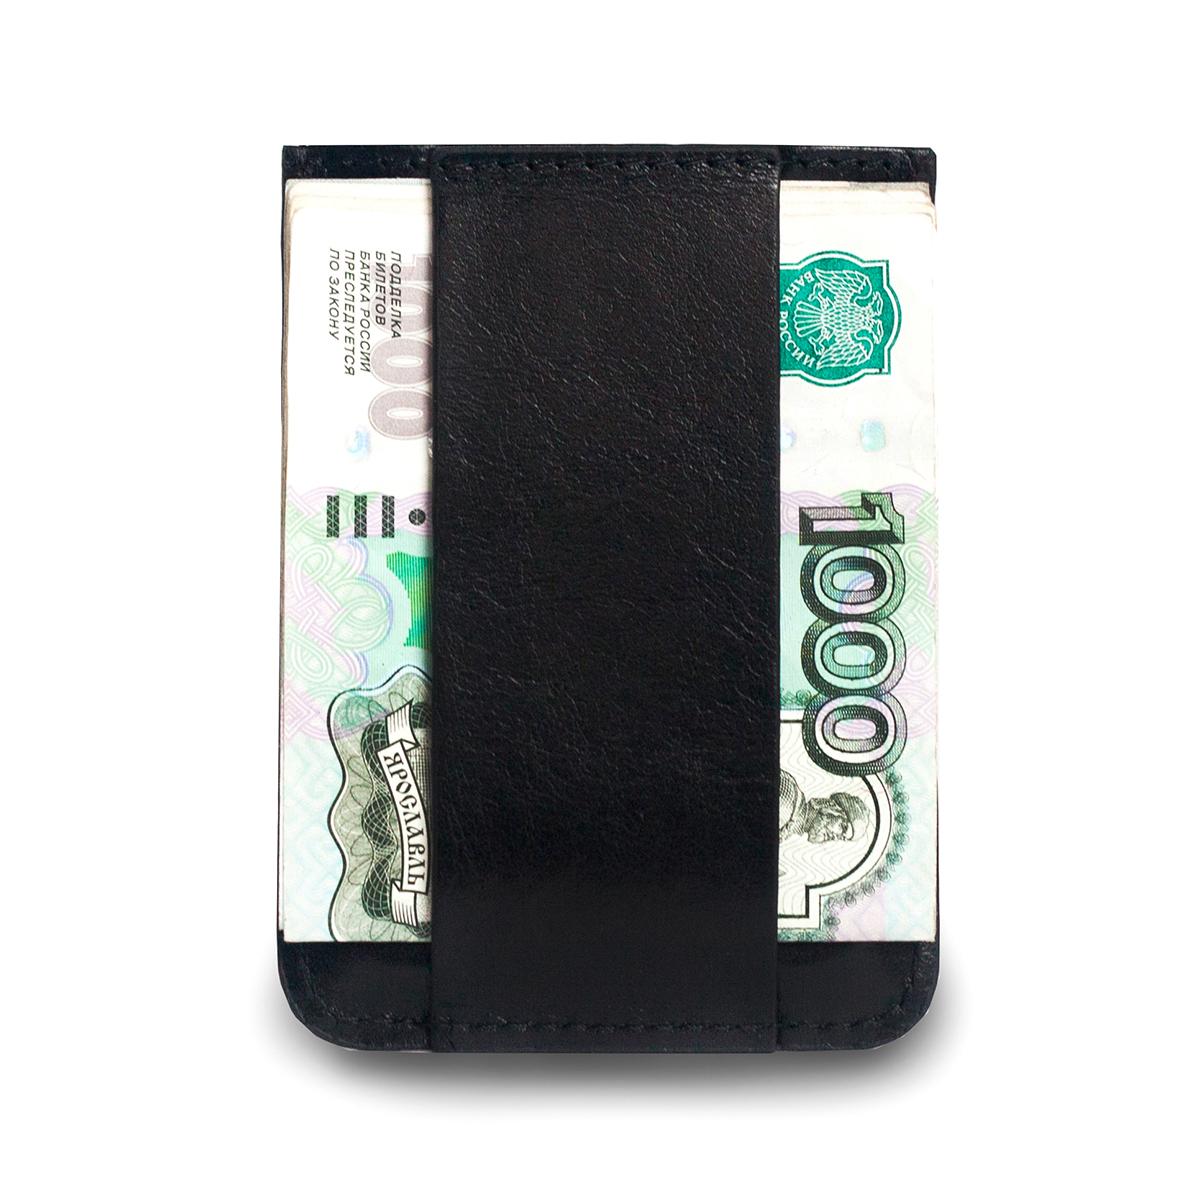 Кошелек Zavtra, цвет: черный. zav01blazav01blaКомпактный кошелек ZAVTRA, выполненный из натуральной кожи, вмещает 4-5 банковских или визитных карт, права или пропуск и имеет фиксатор для купюр.